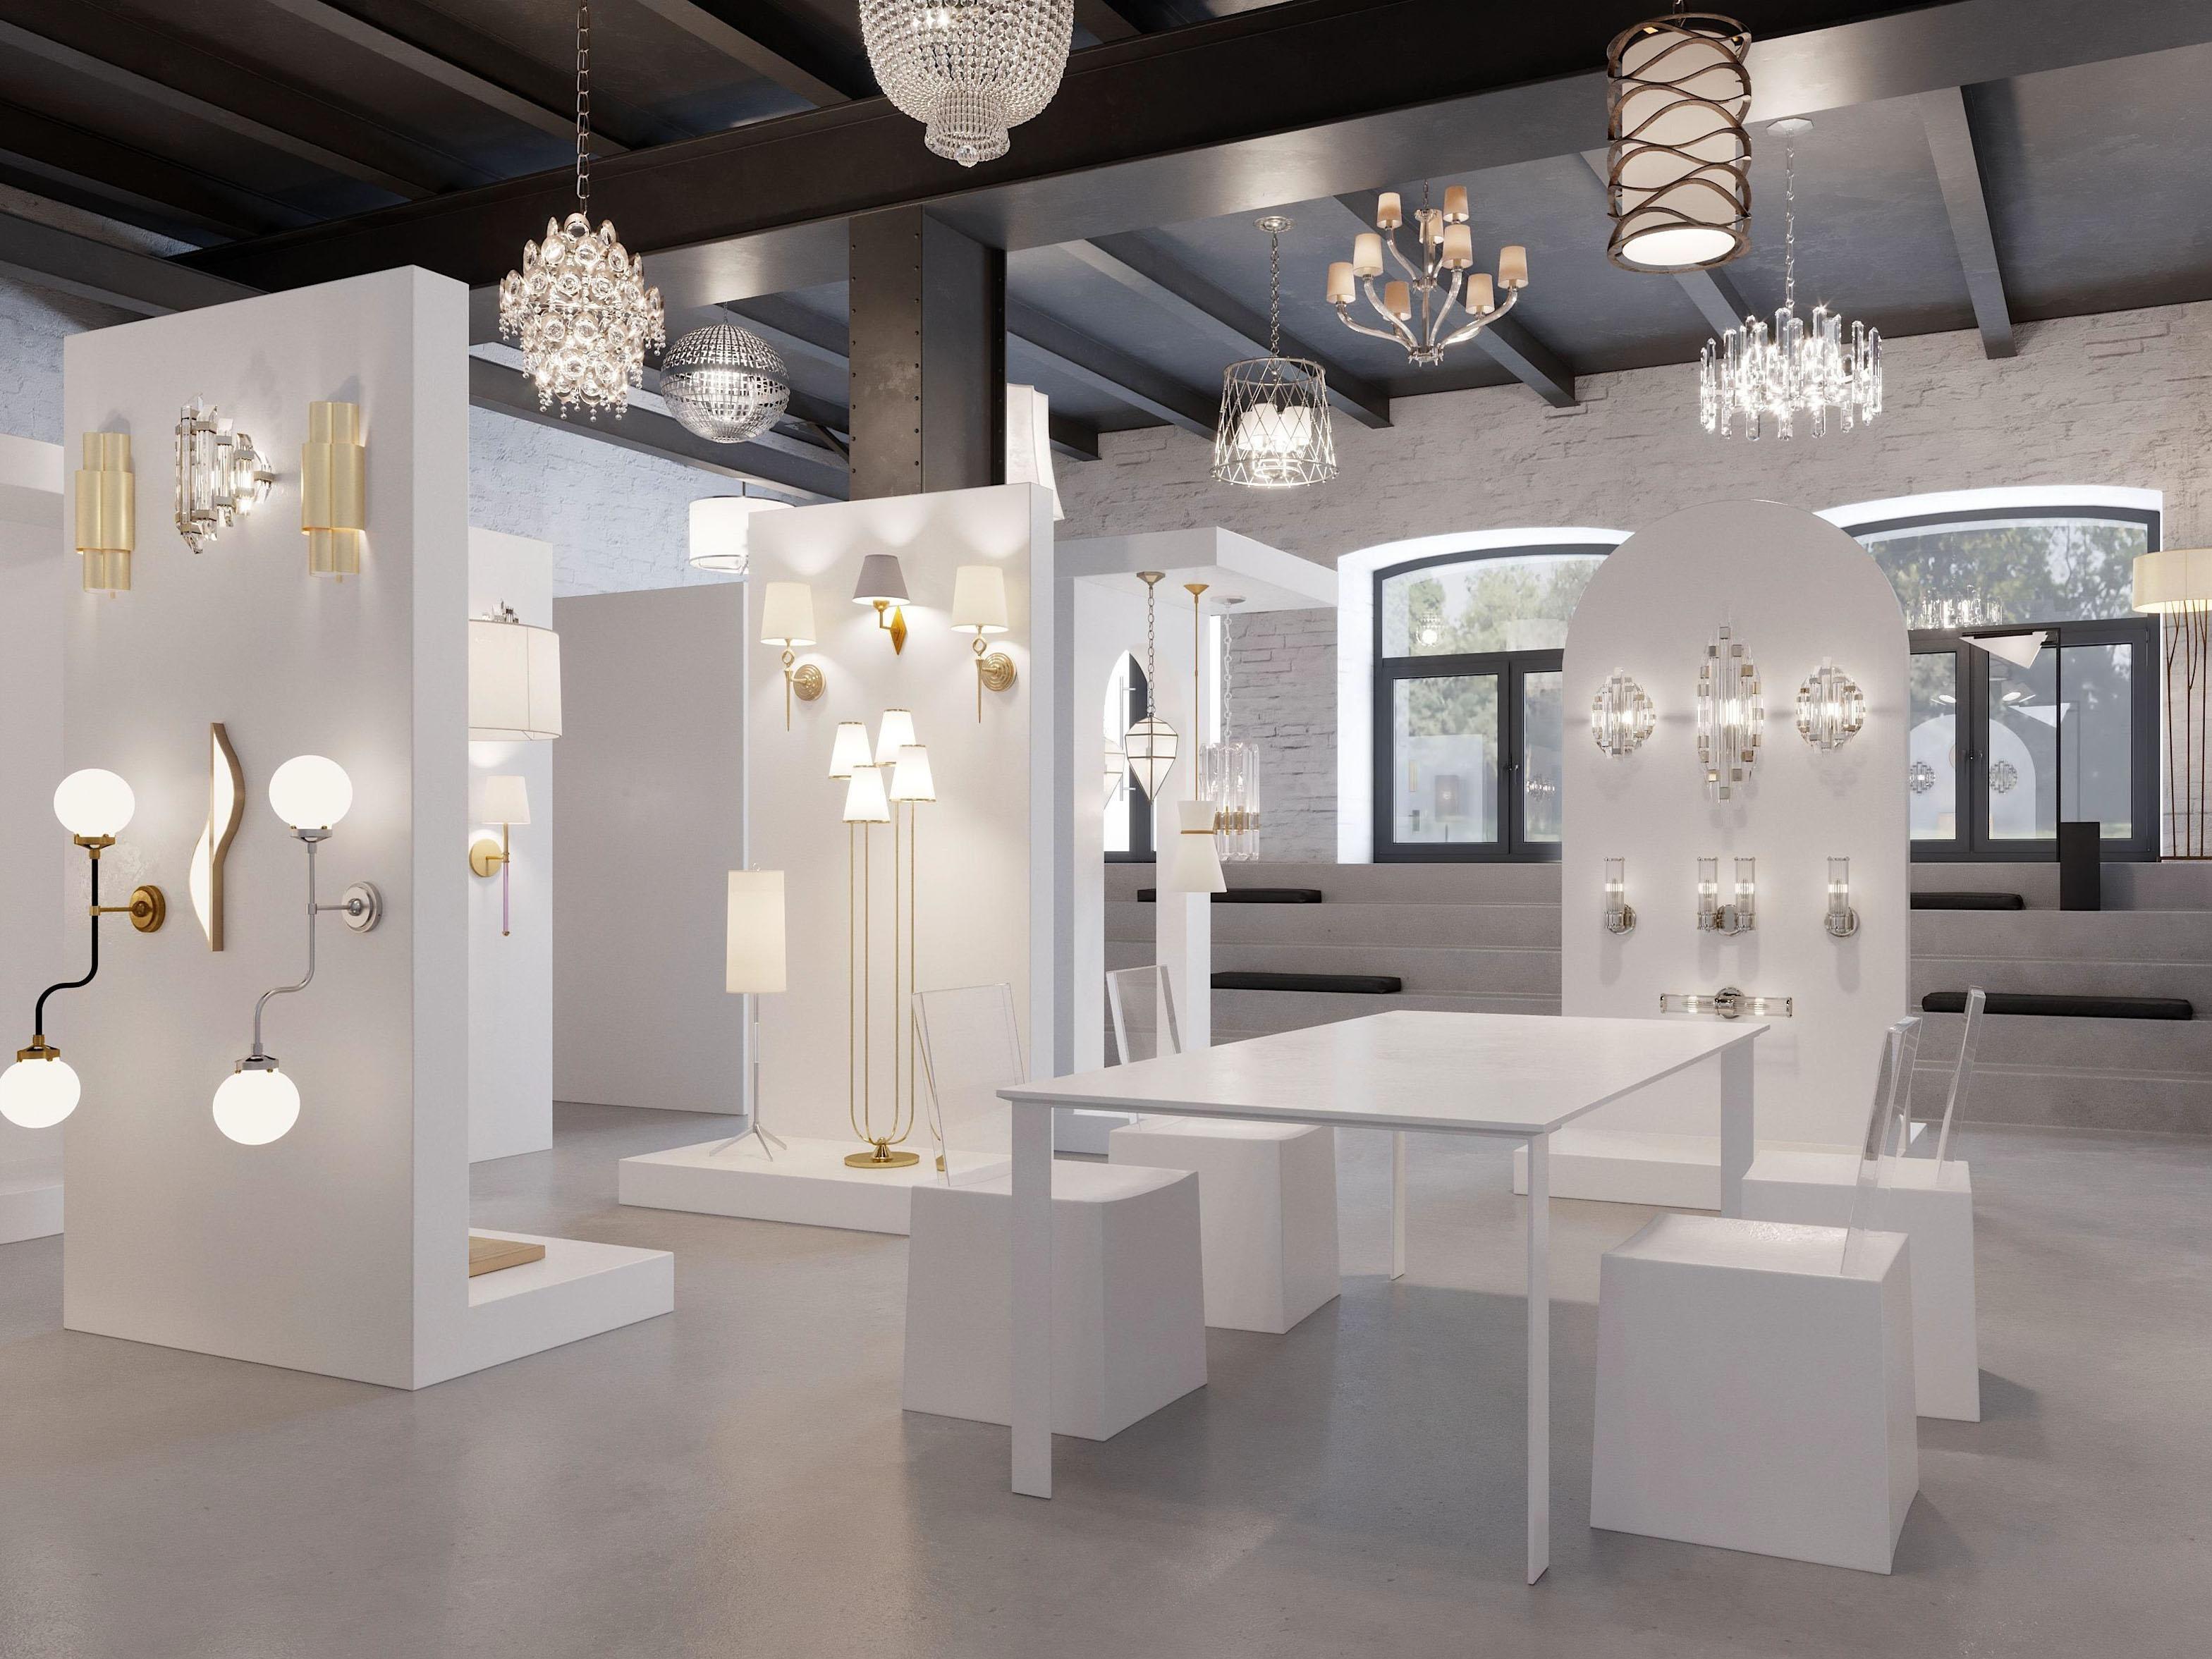 Проектирование и замена существующих приборов отопления в одном из шоурумов Центра дизайна ARTPLAY